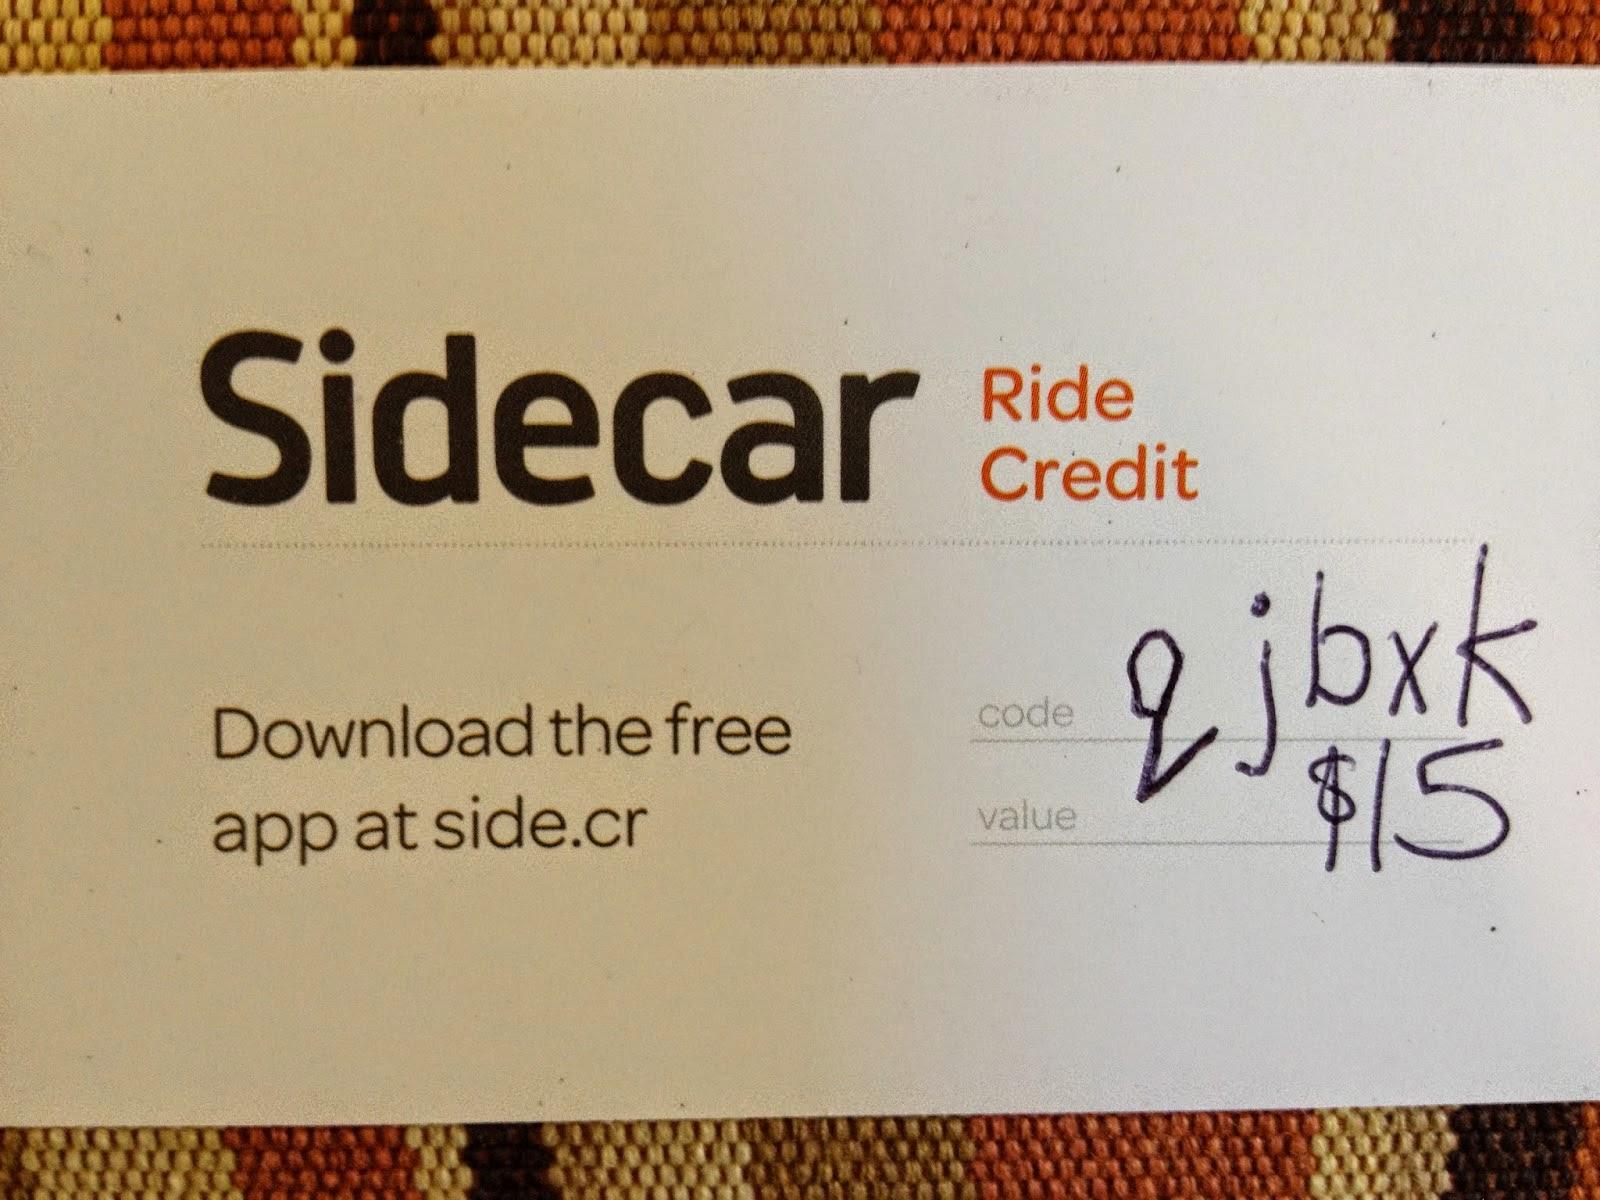 Ridesharing SideCar - Visit Side.cr